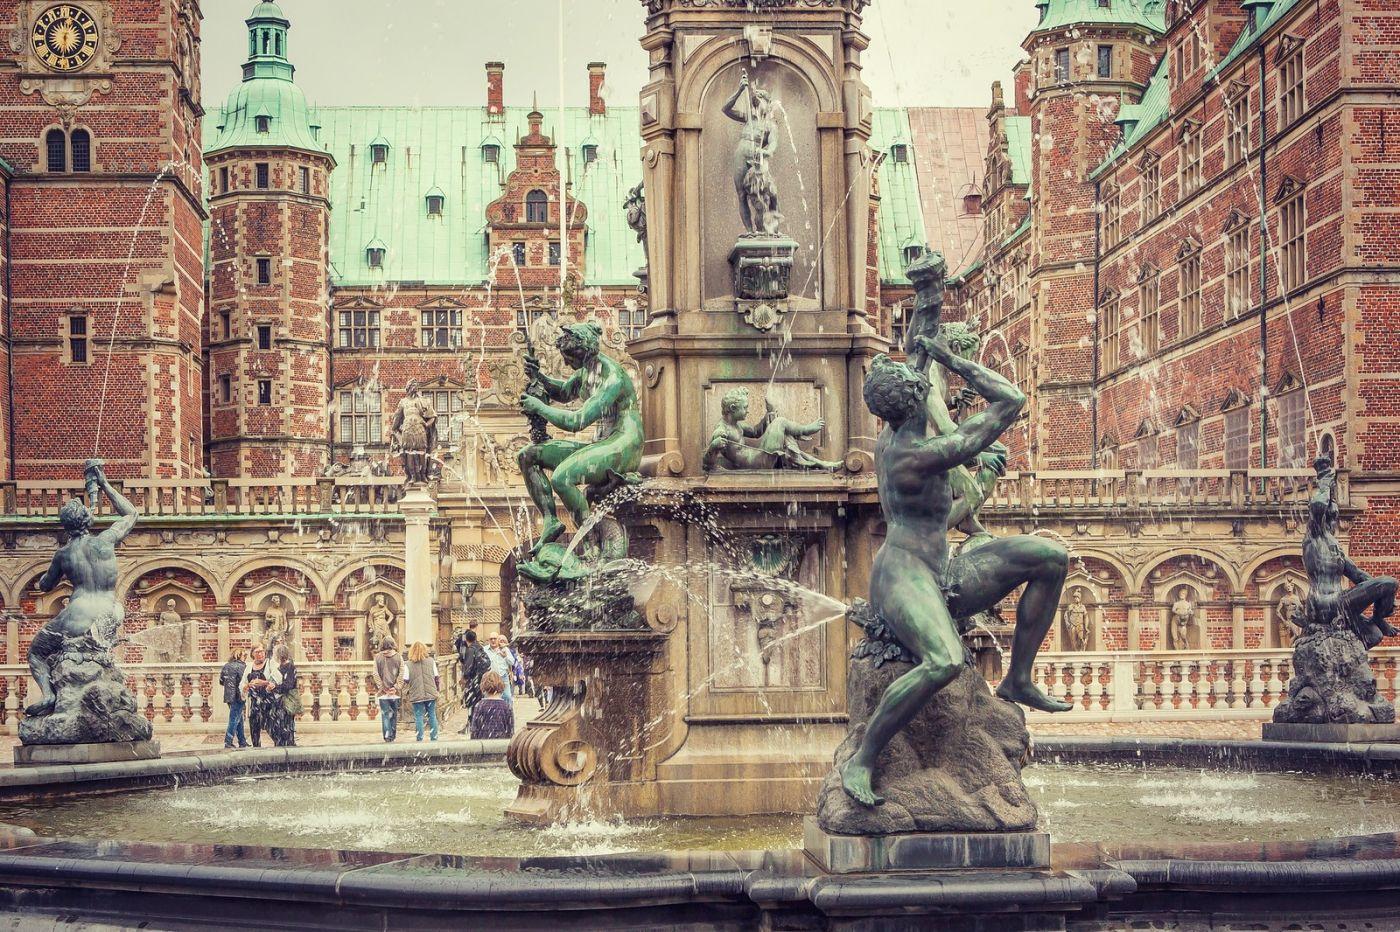 丹麦腓特烈堡城堡,当年的风采_图1-13